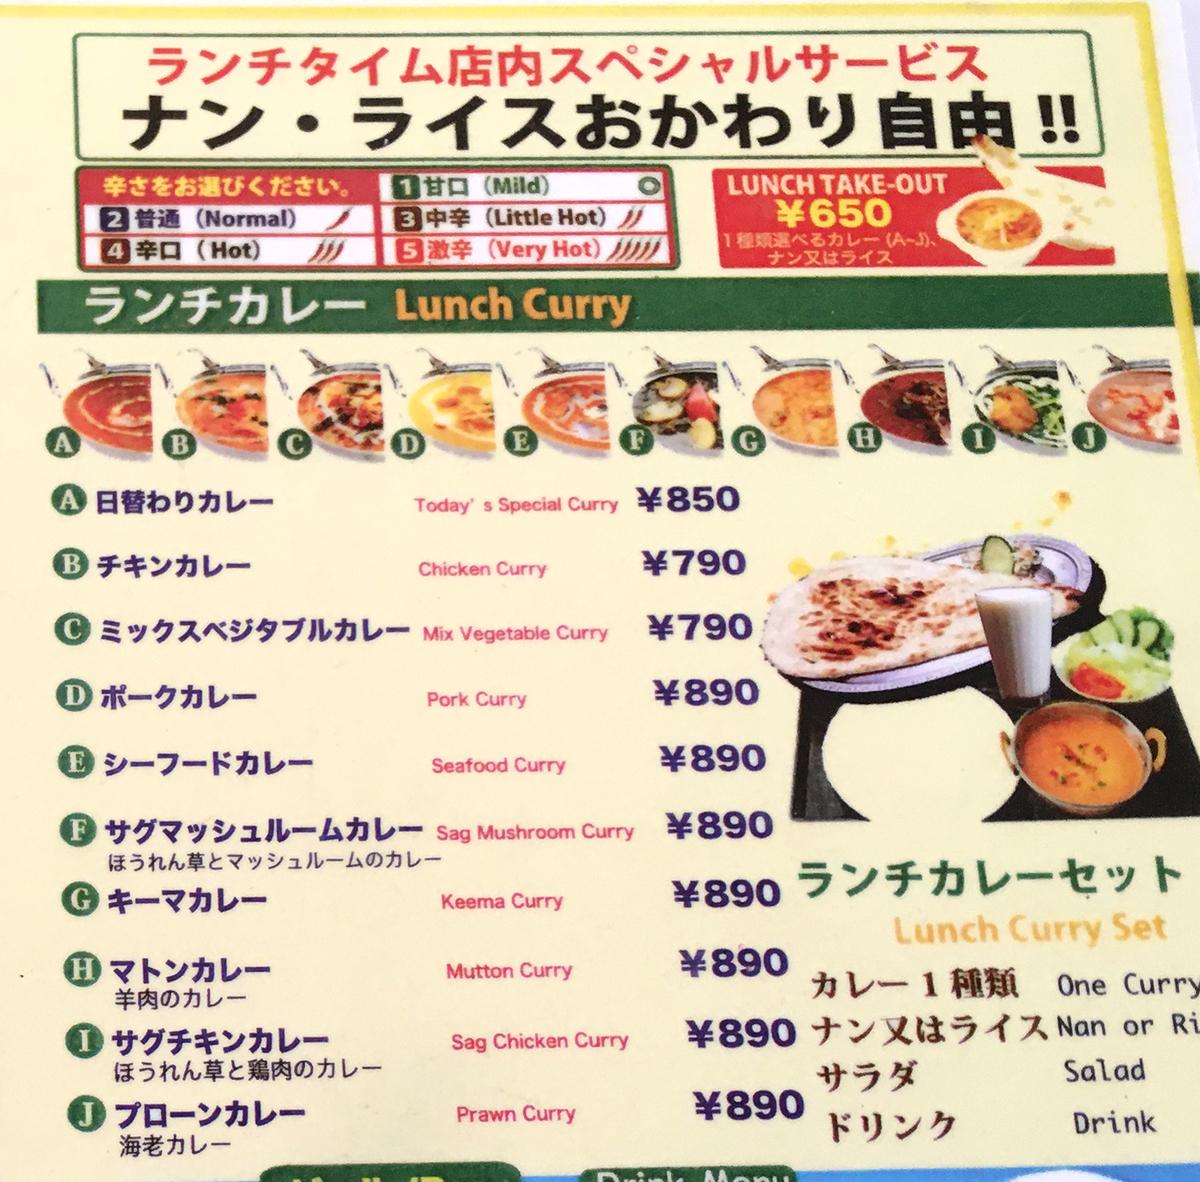 エベレストキッチンのメニュー表